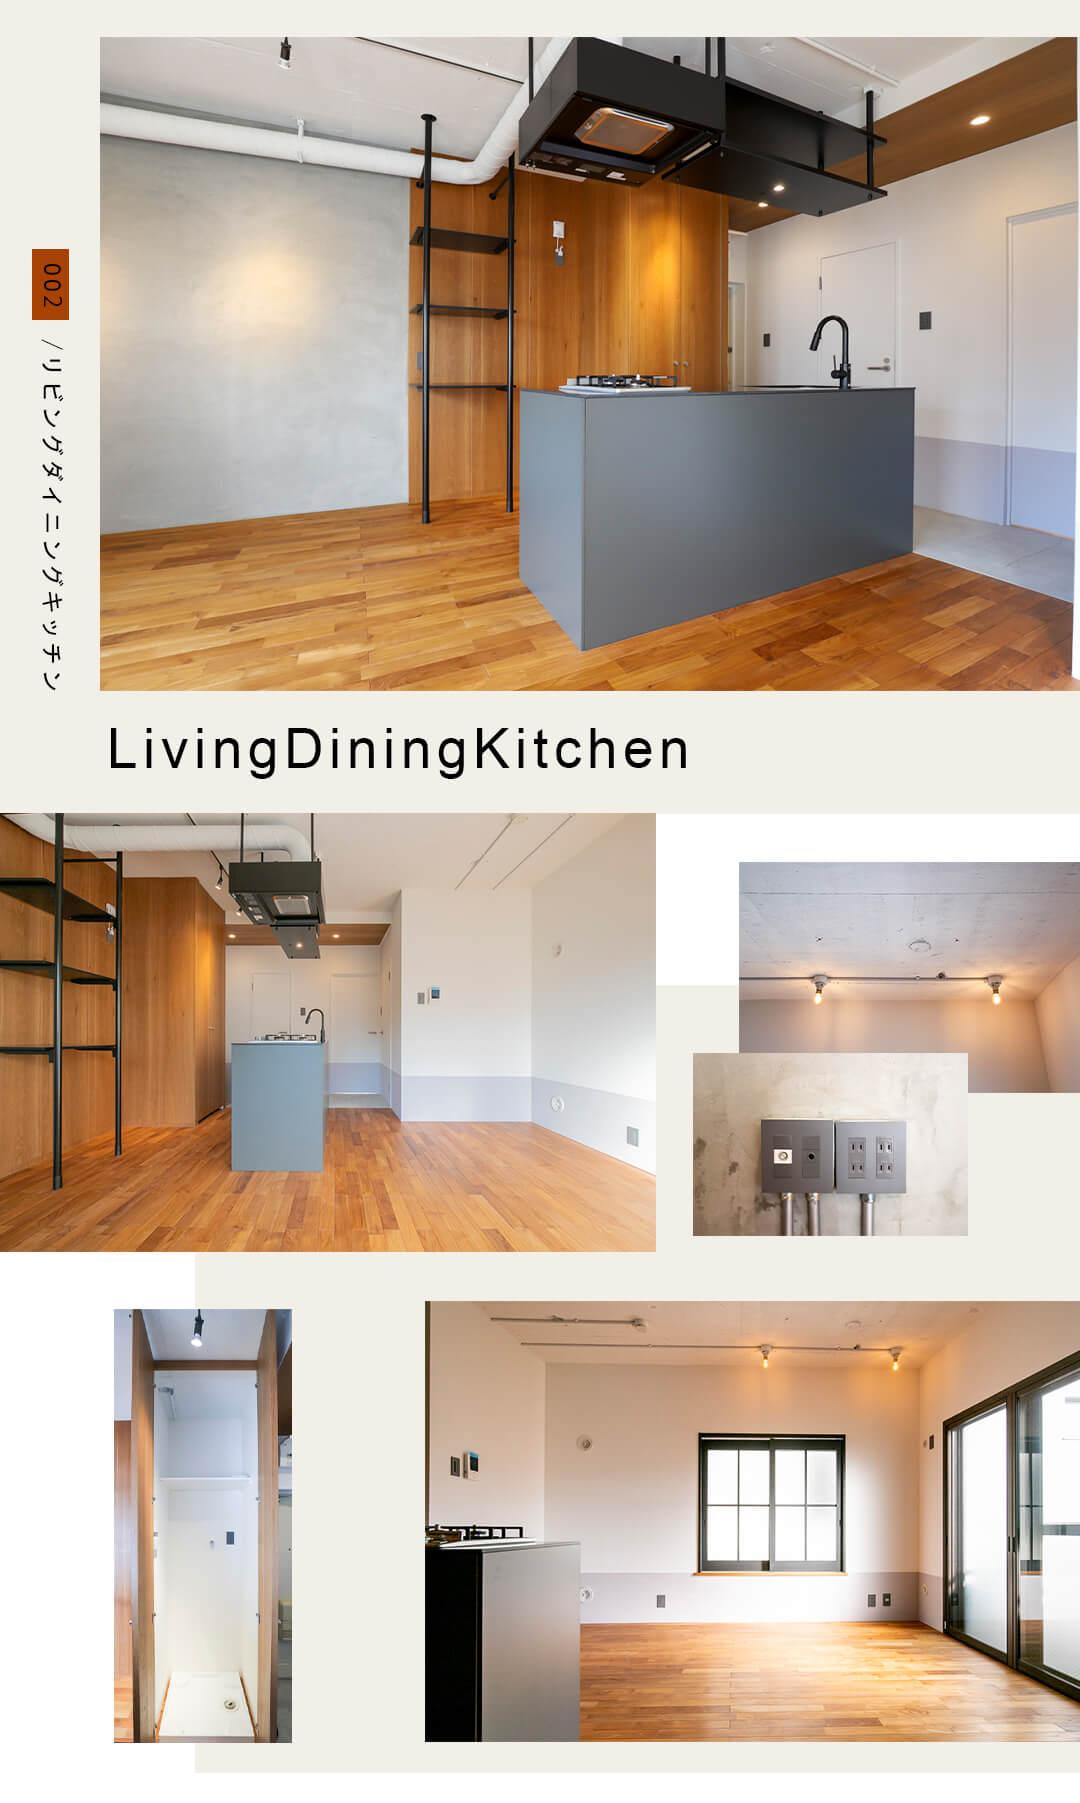 02リビングダイニングキッチン,Living,Dining,Kitchen